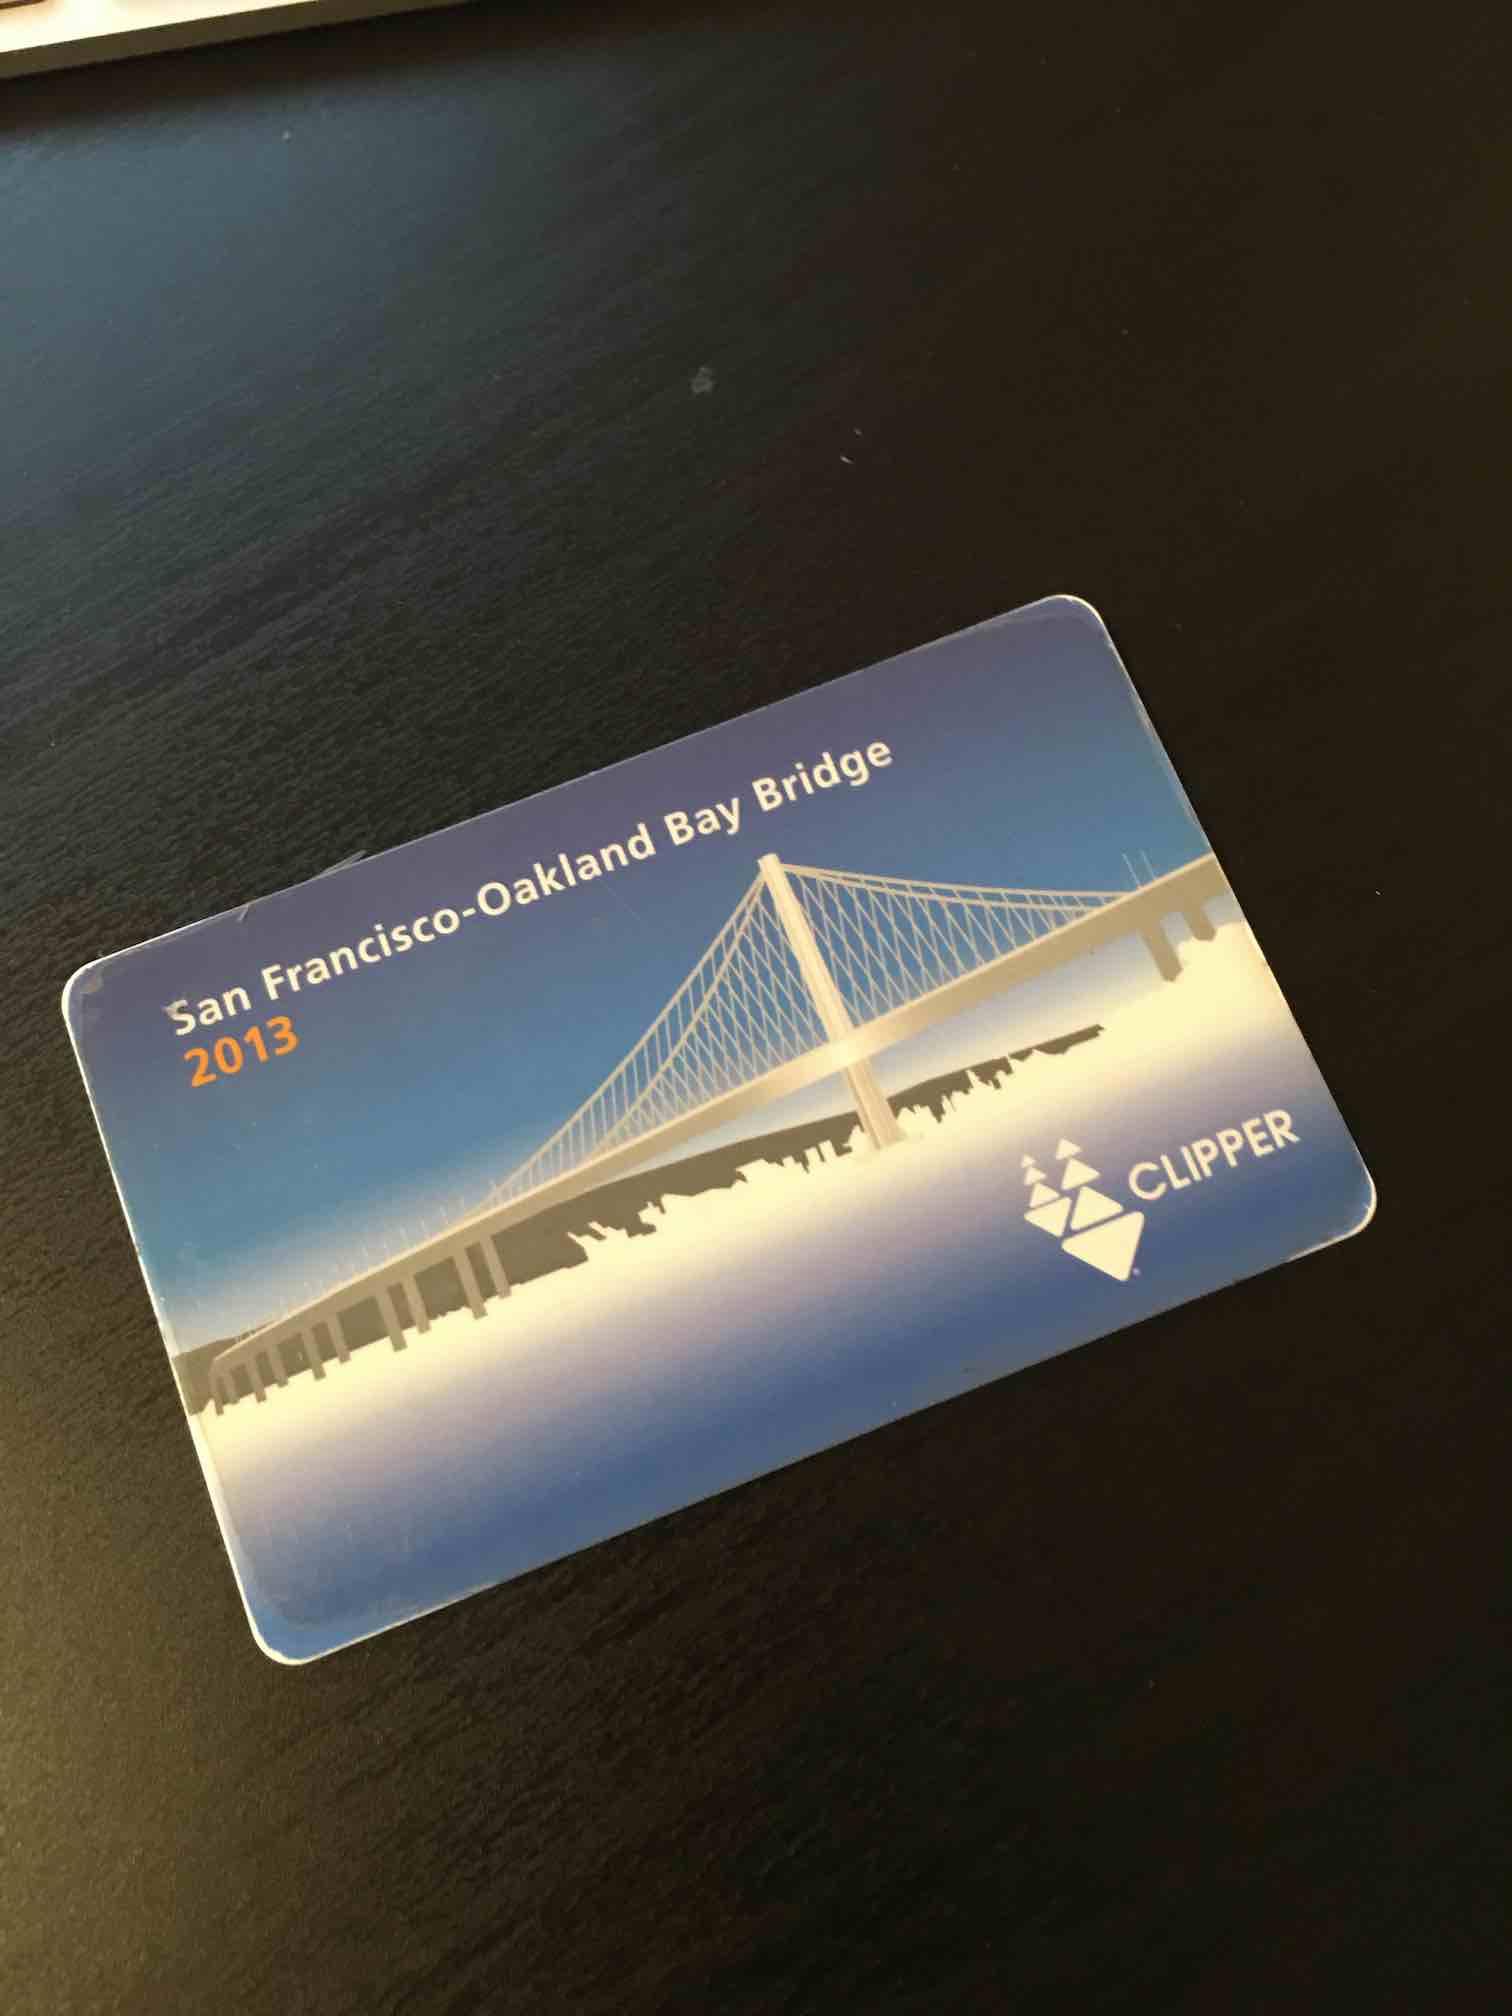 clipper_card